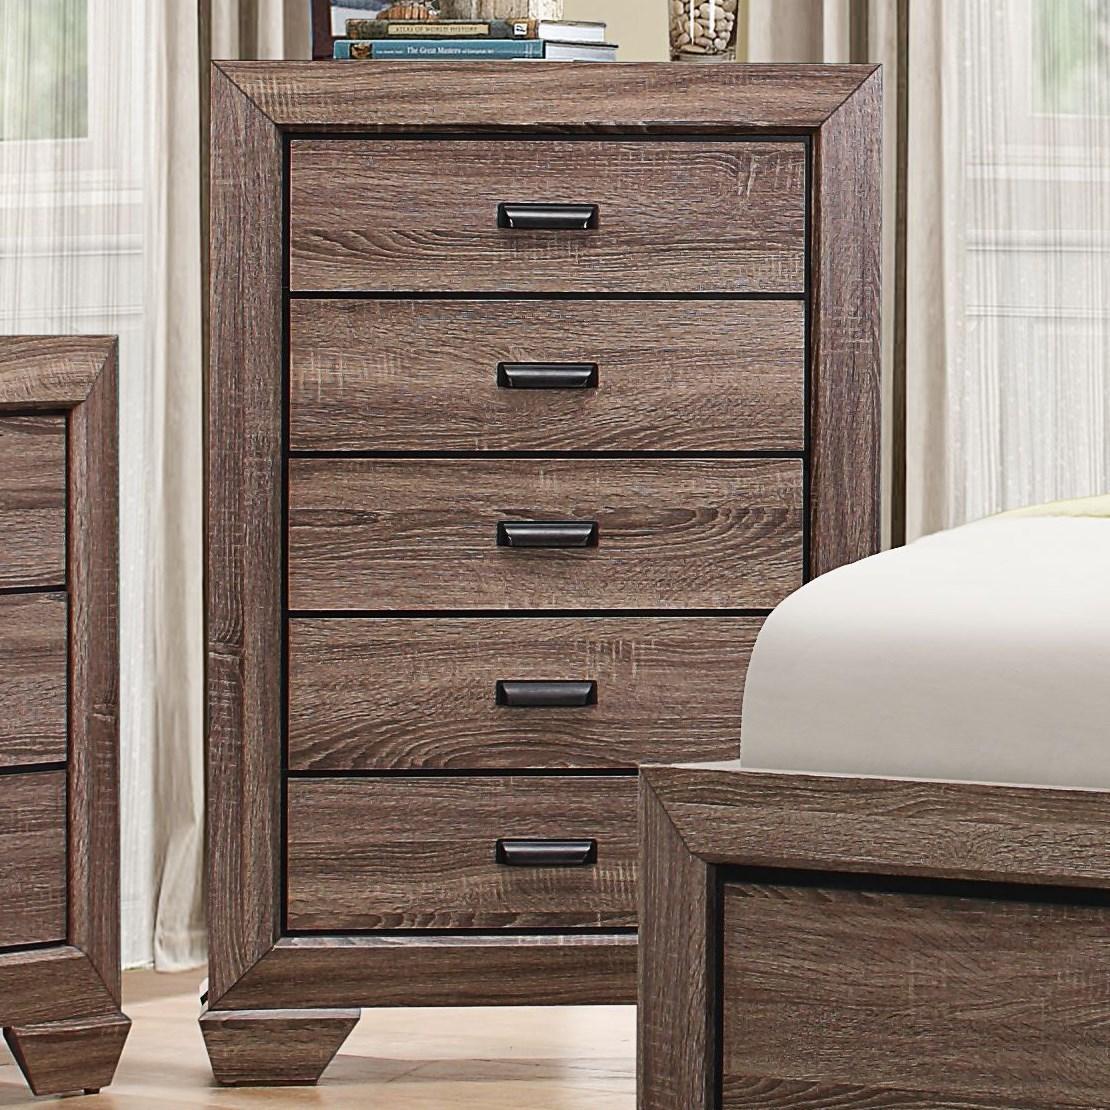 Beechnut Modern 5-Drawer Chest by Homelegance at Rife's Home Furniture